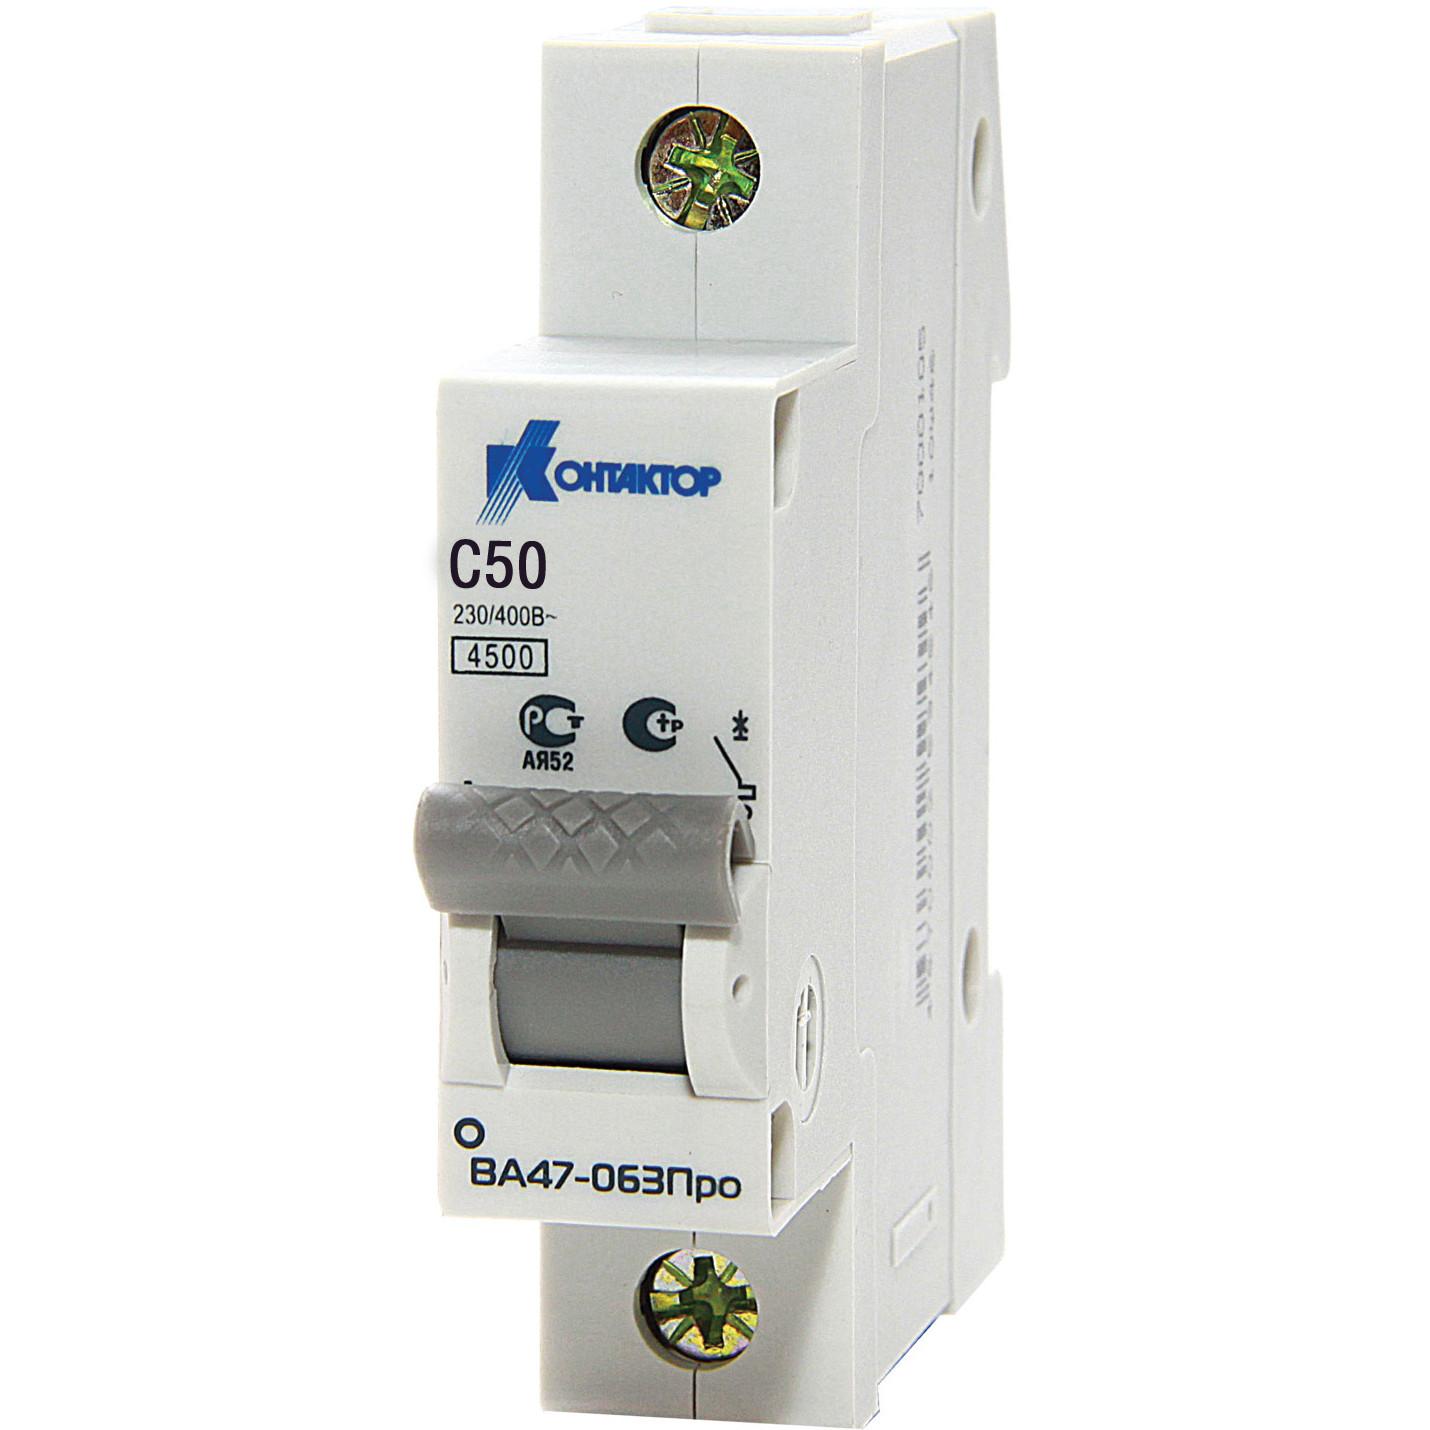 Выключатель автоматический модульный 1п B 50А 4.5кА ВА47-063Про Контактор 7000011 купить в интернет-магазине RS24